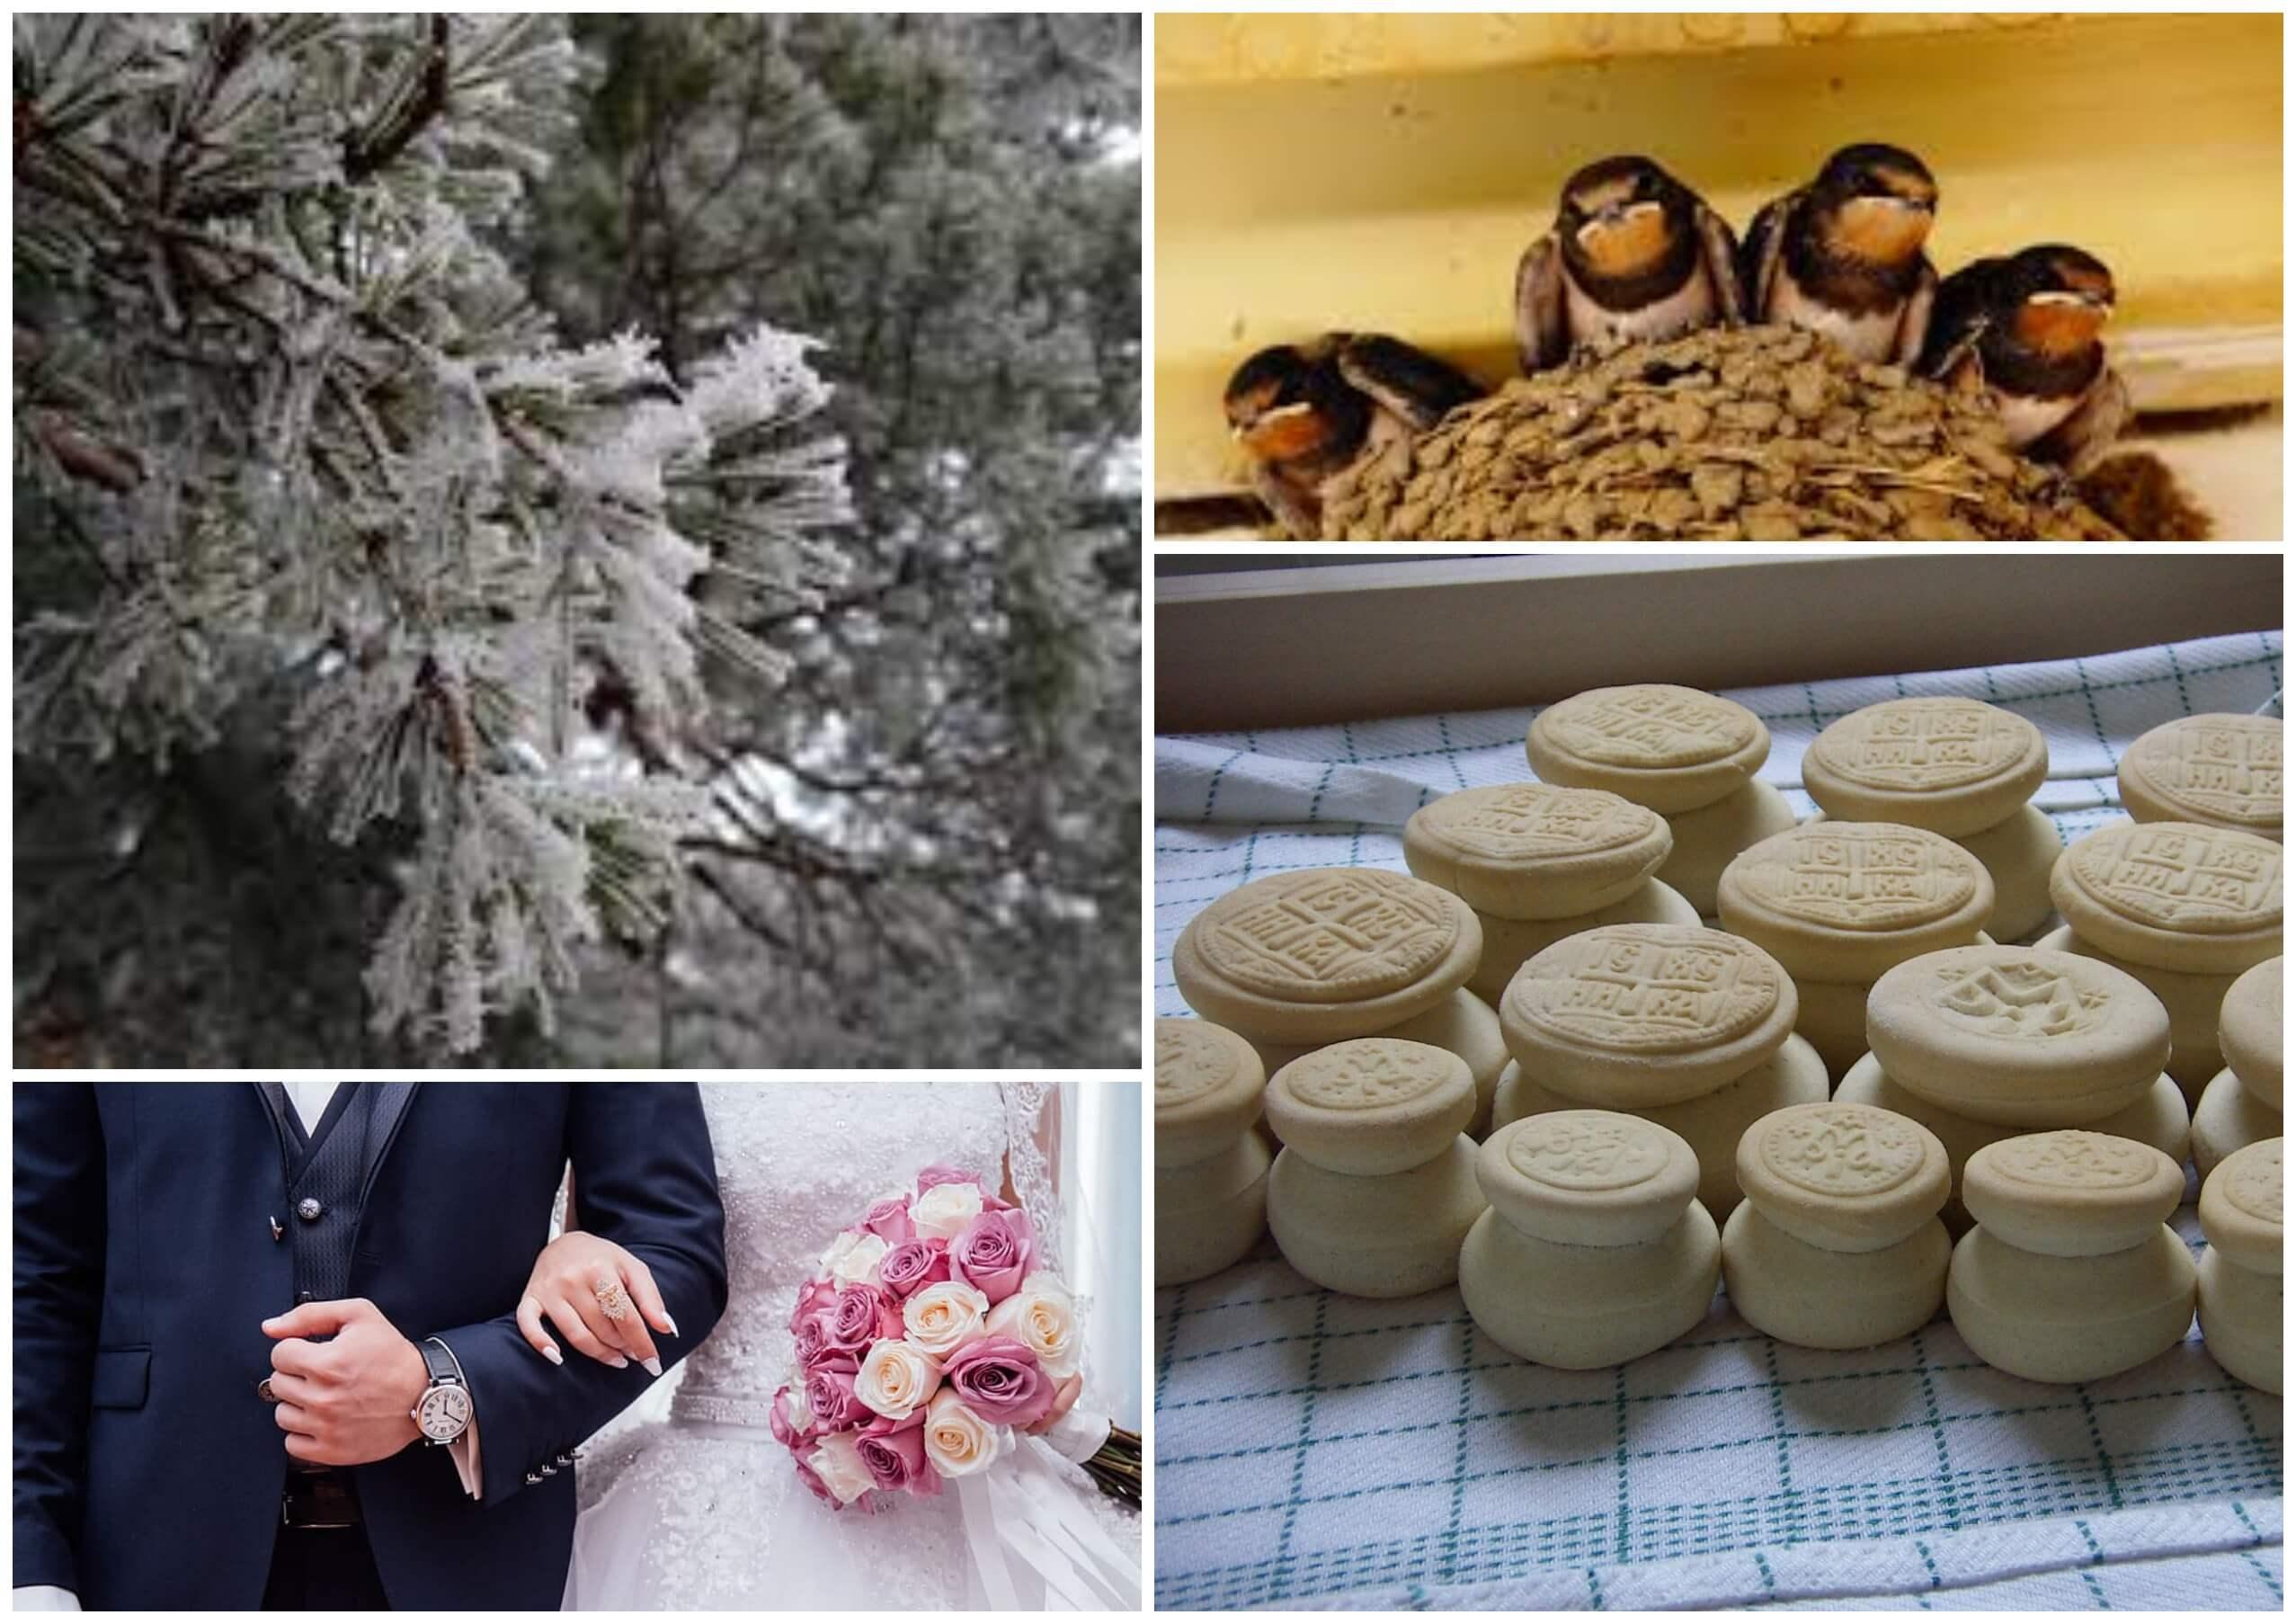 На фото изображены молодожены, ласточки в гнезде, просфоры и мороз на деревьях.